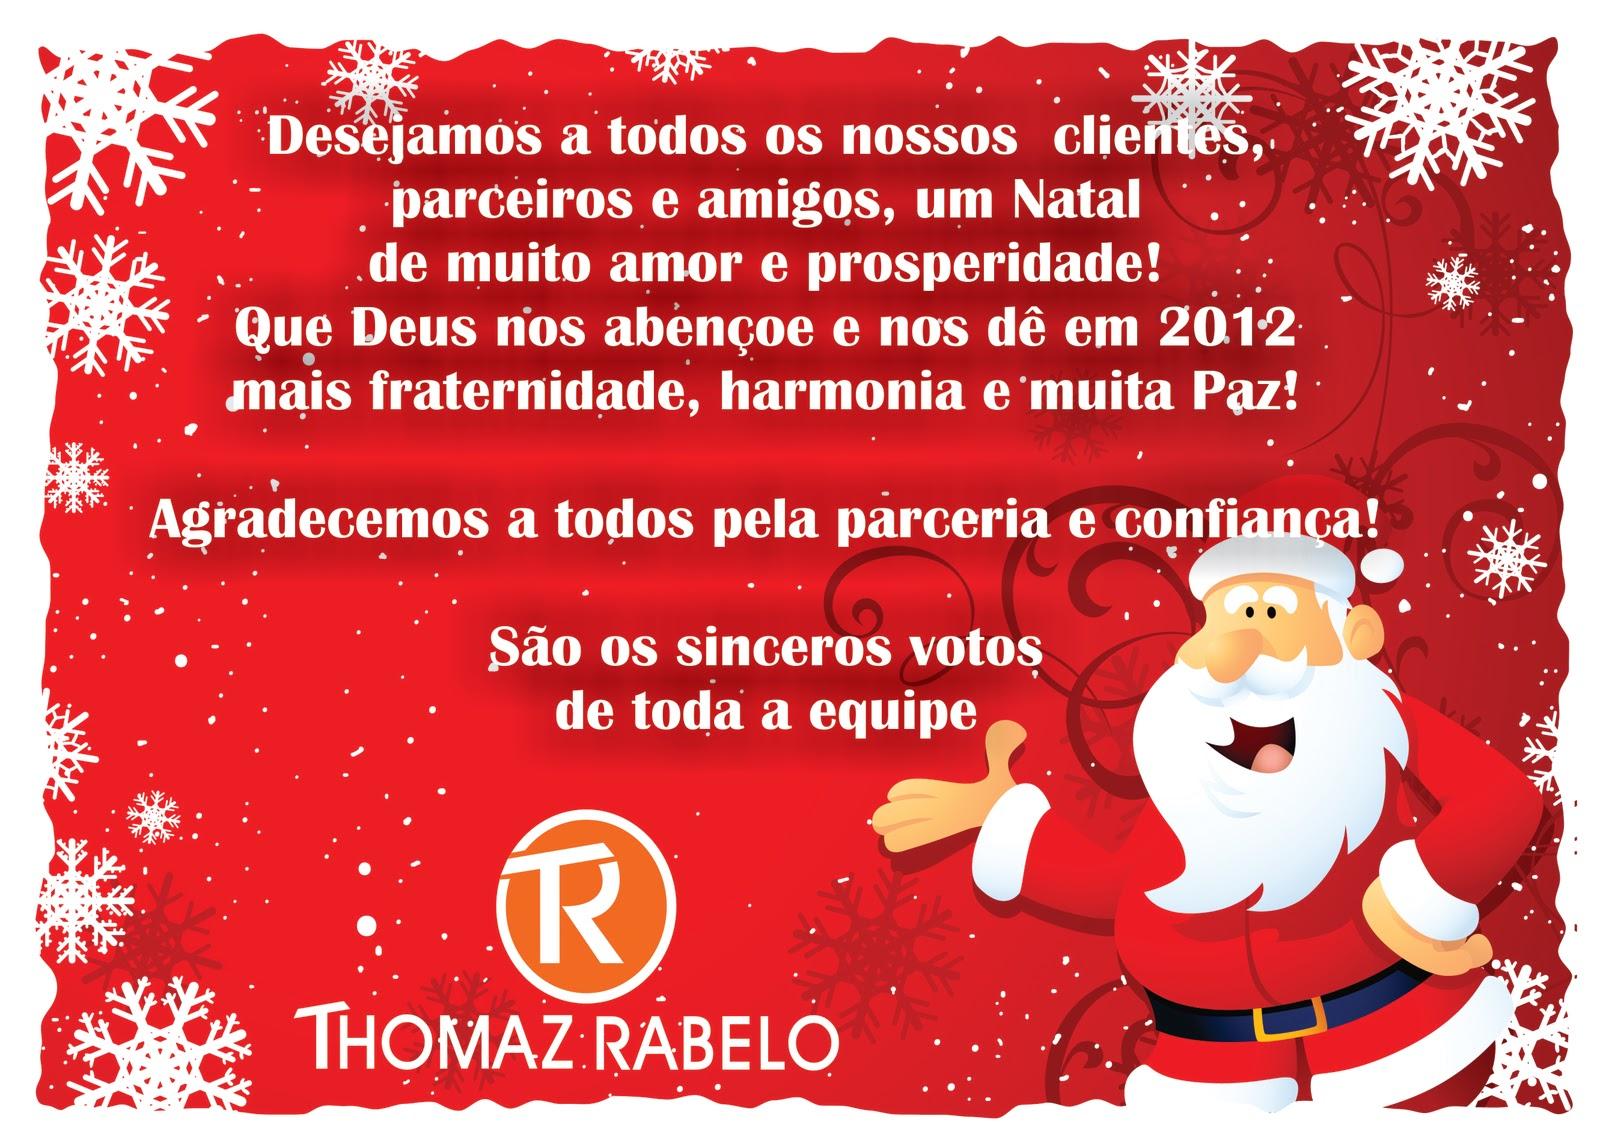 49457f82a Postado por Thomaz Rabelo 13 anos às 11:20 Nenhum comentário: